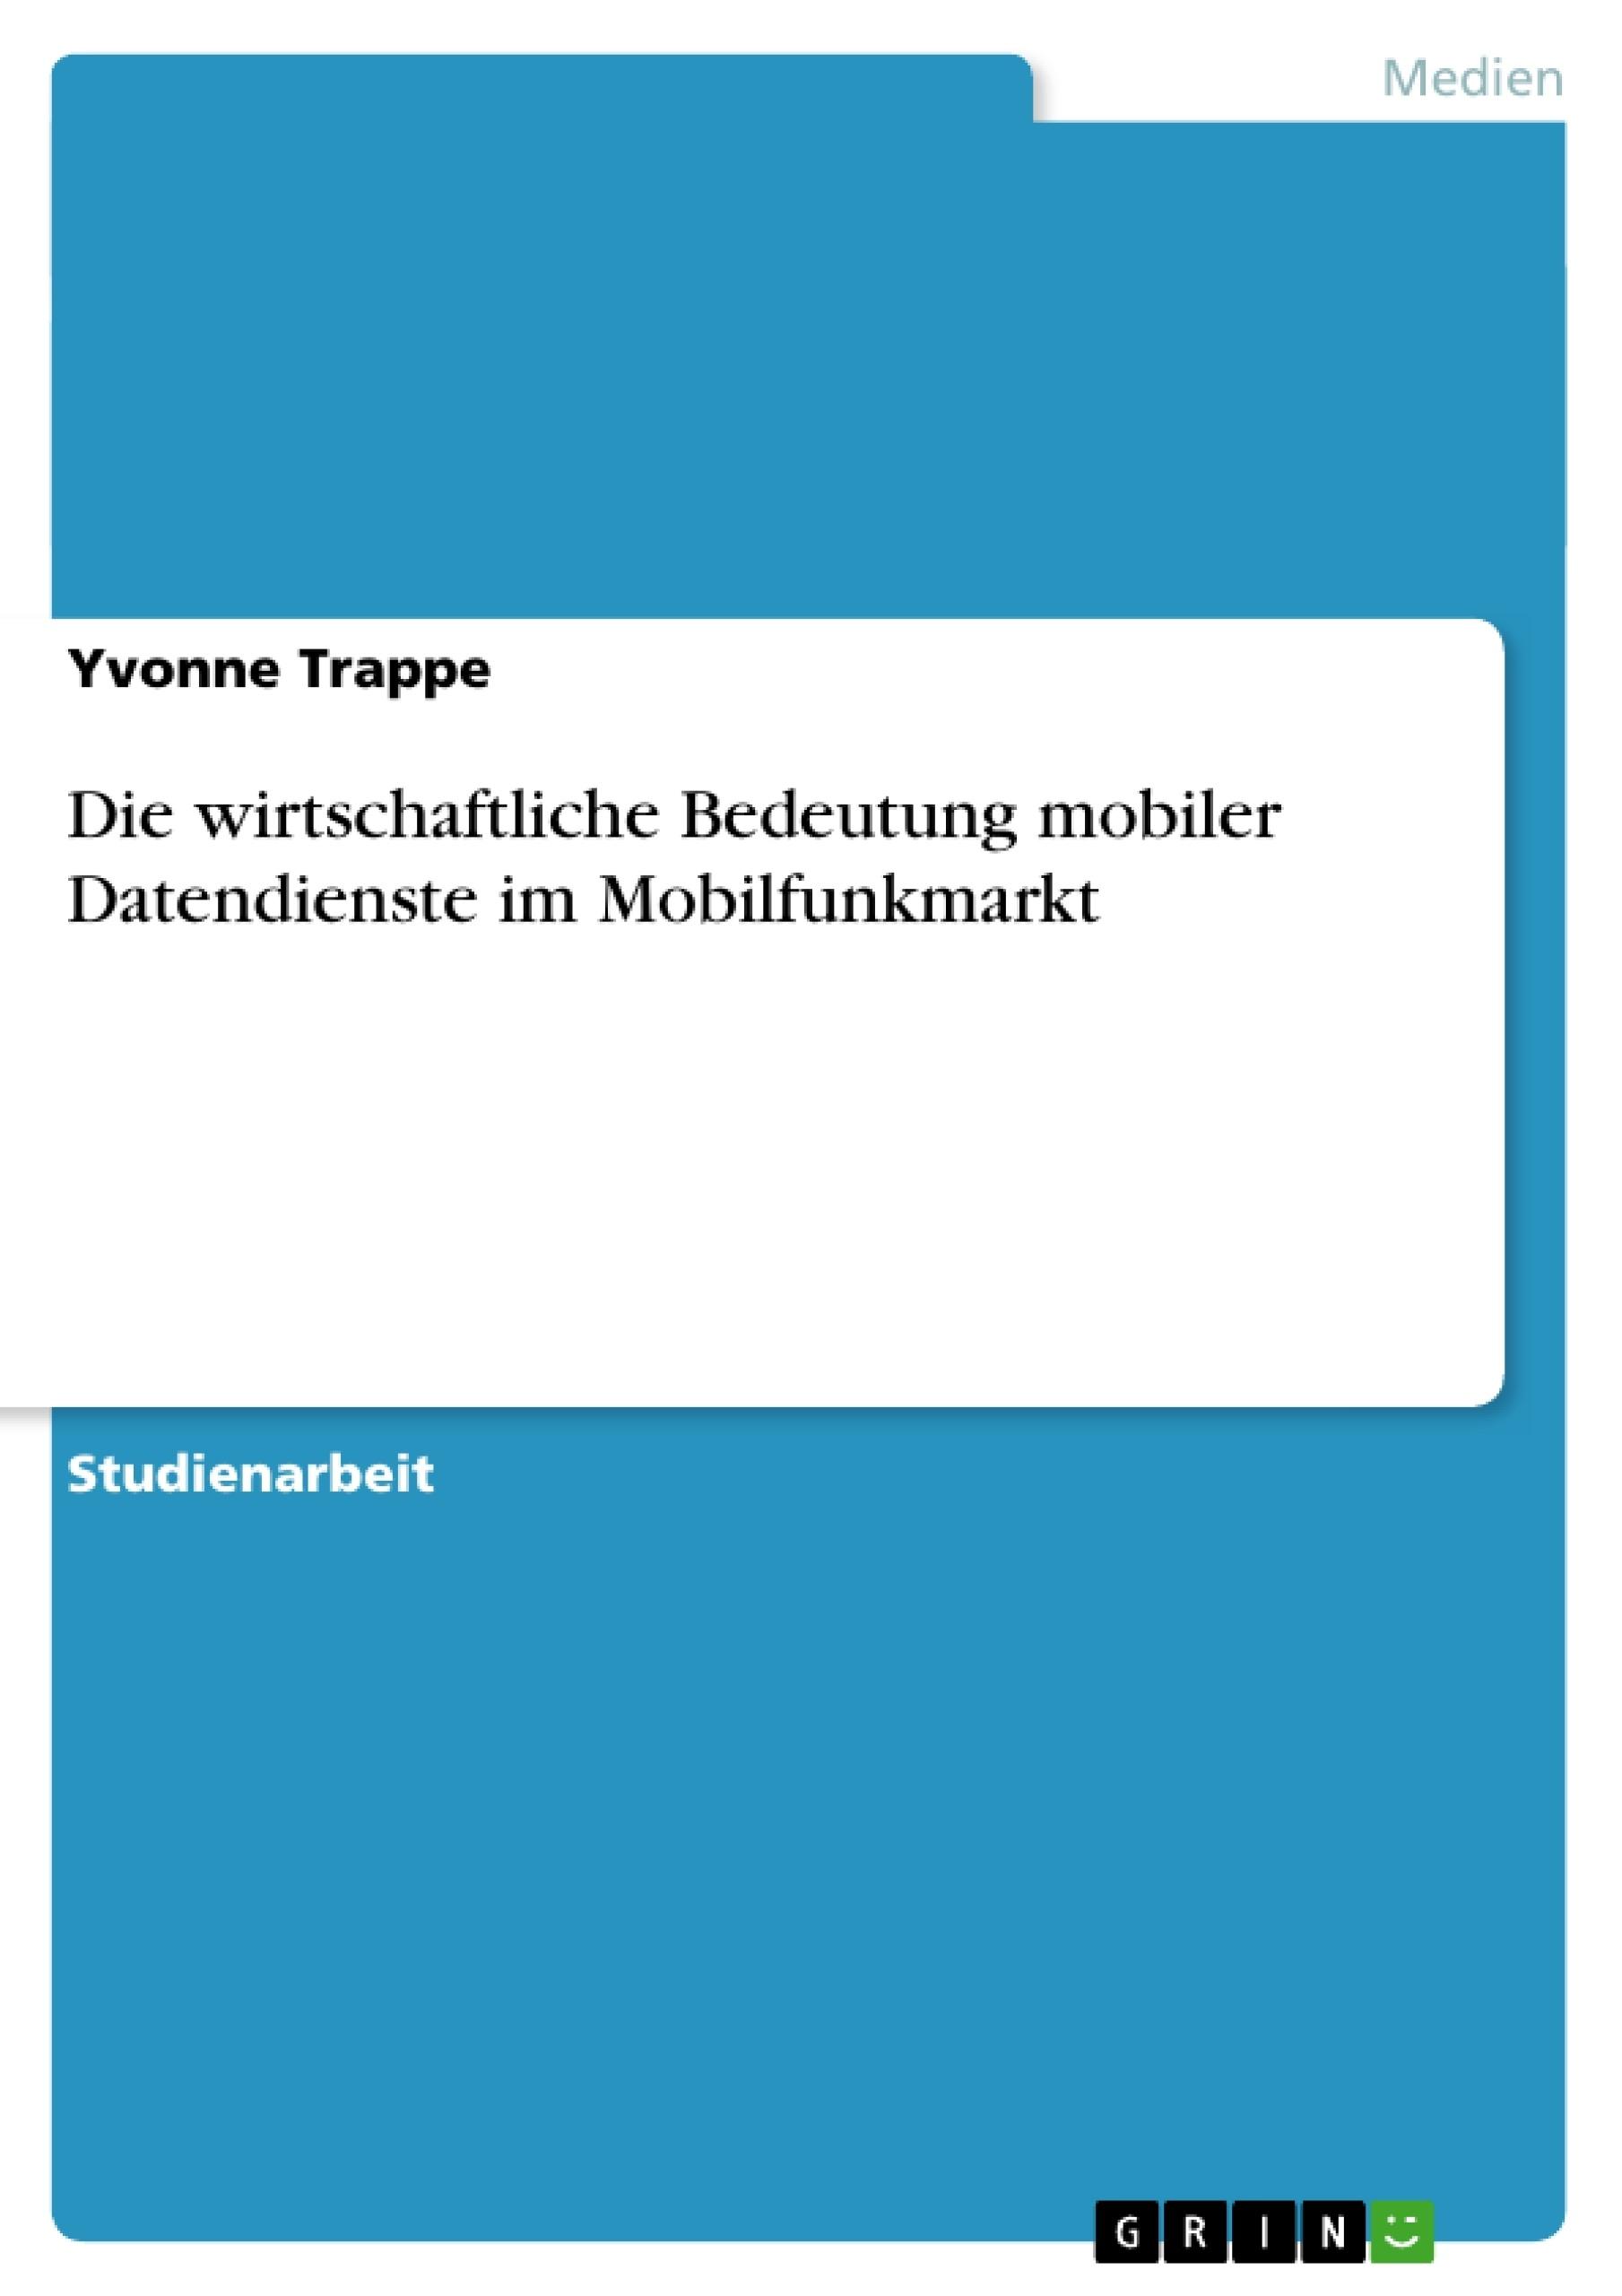 Titel: Die wirtschaftliche Bedeutung mobiler Datendienste im Mobilfunkmarkt